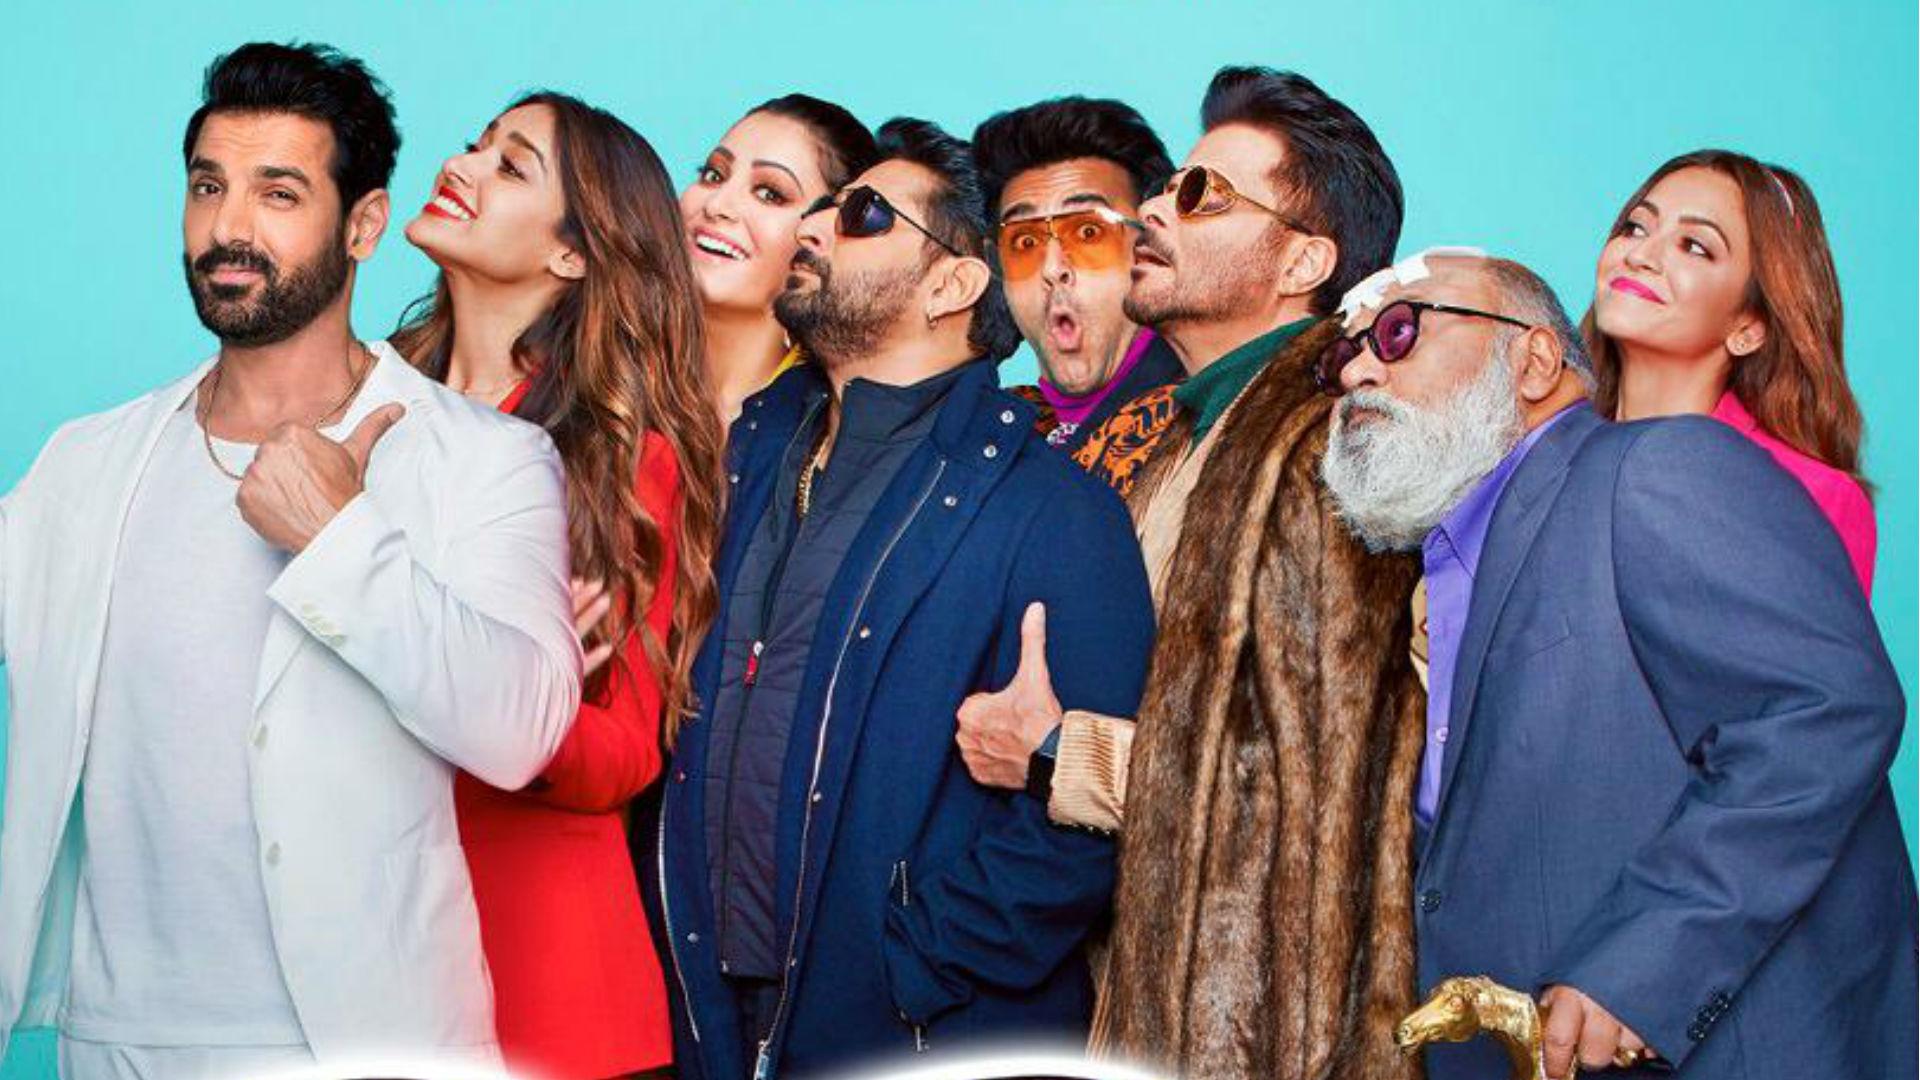 Pagalpanti Trailer: कॉमेडी से भरपूर फिल्म पागलपंती का ट्रेलर रिलीज, हंसते-हंसते हो जाएंगे लोटपोट